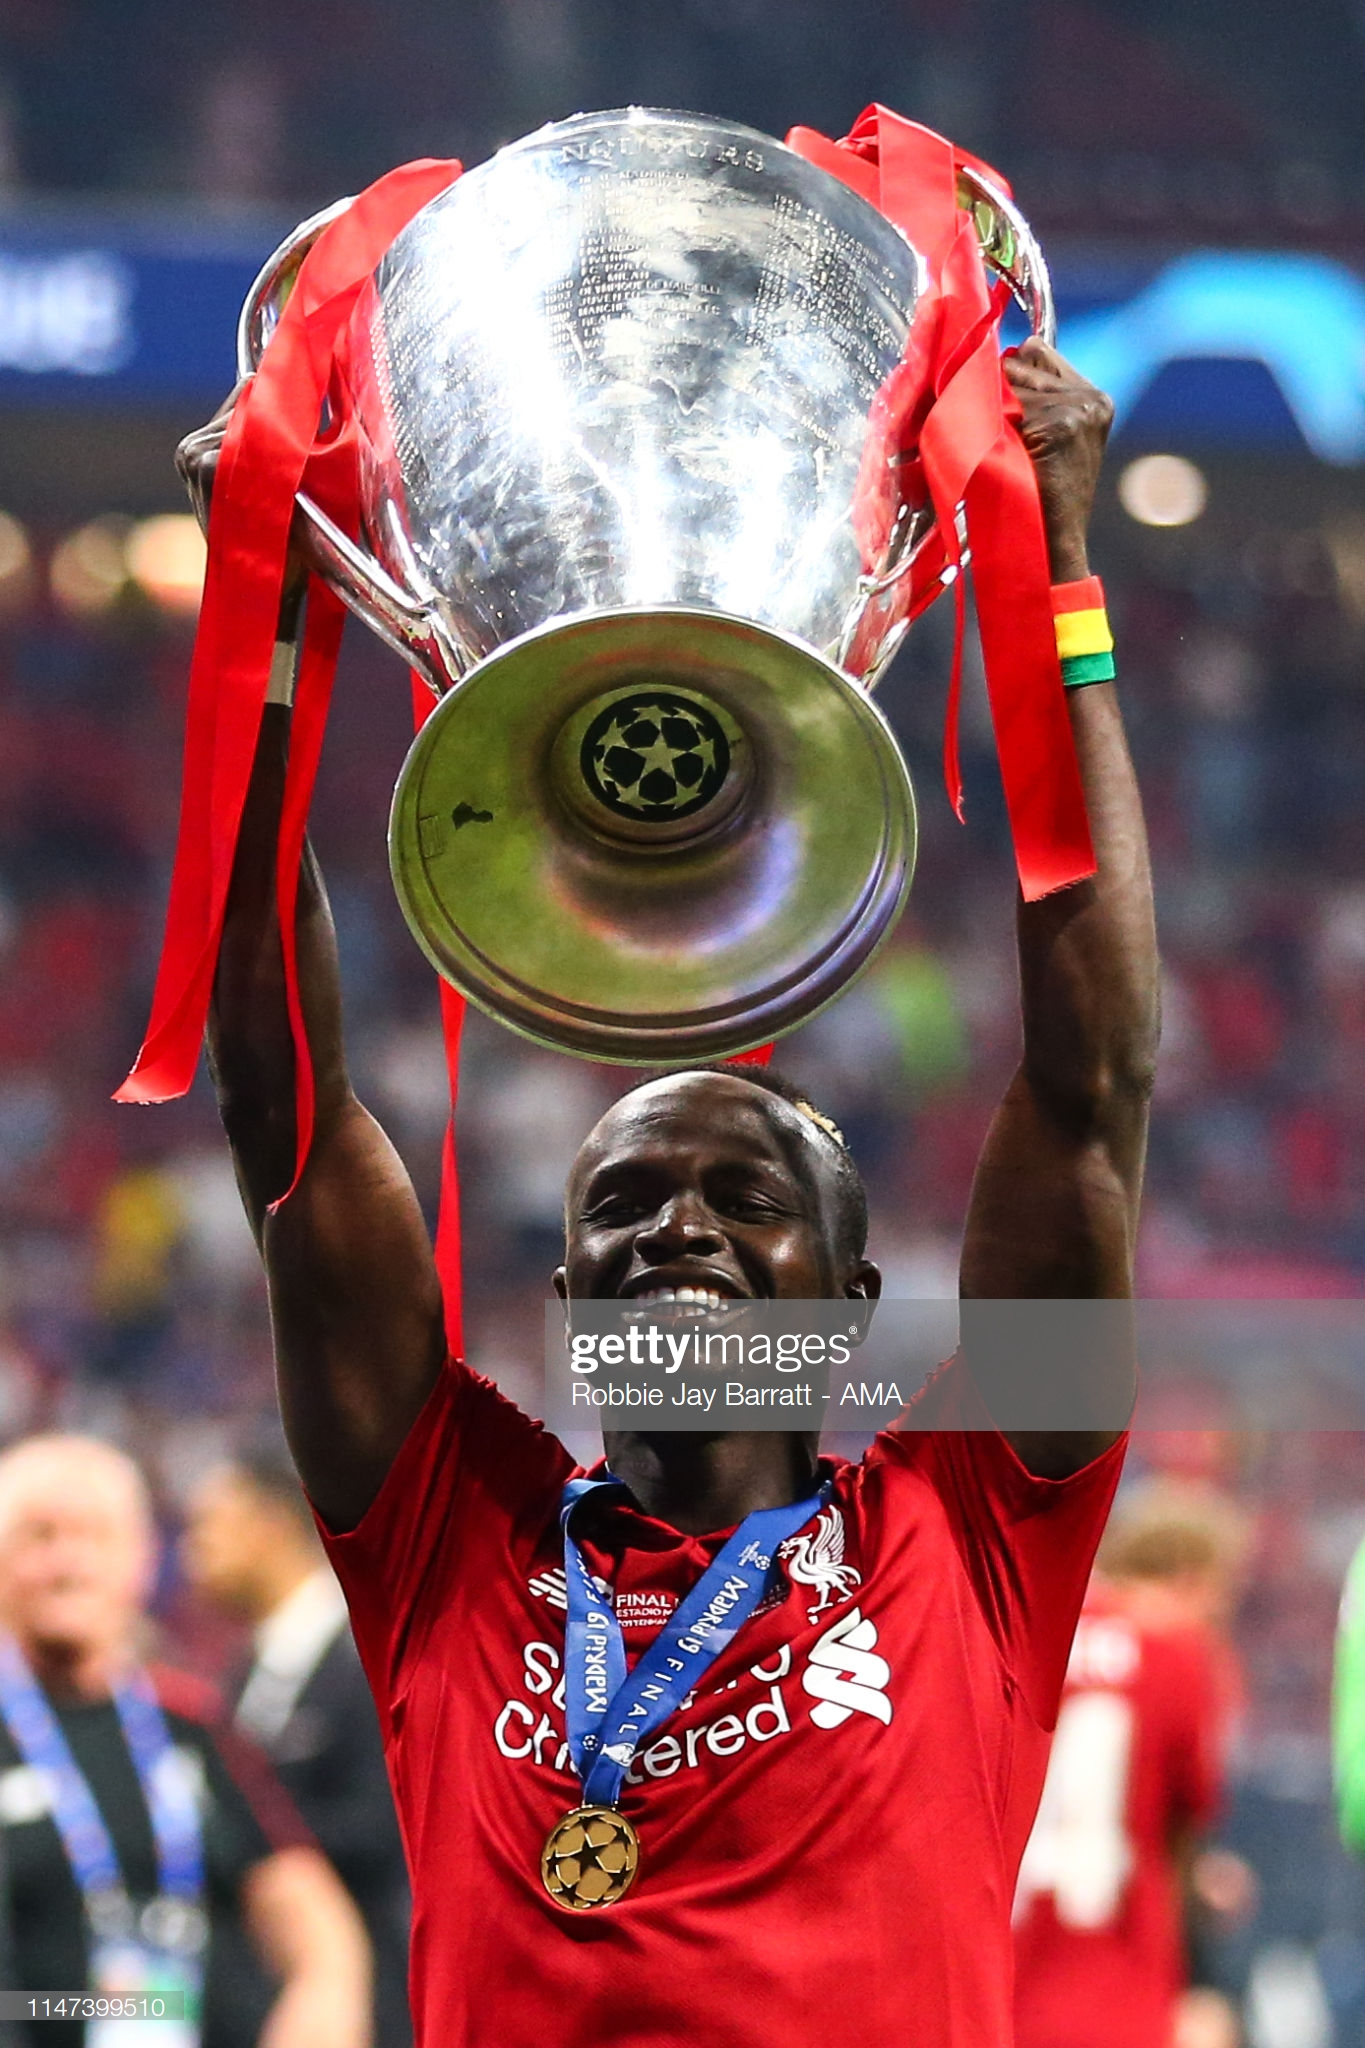 Sadio Mané et le Trophée de la Ligue des Champions avec son Club Liverpool (5)